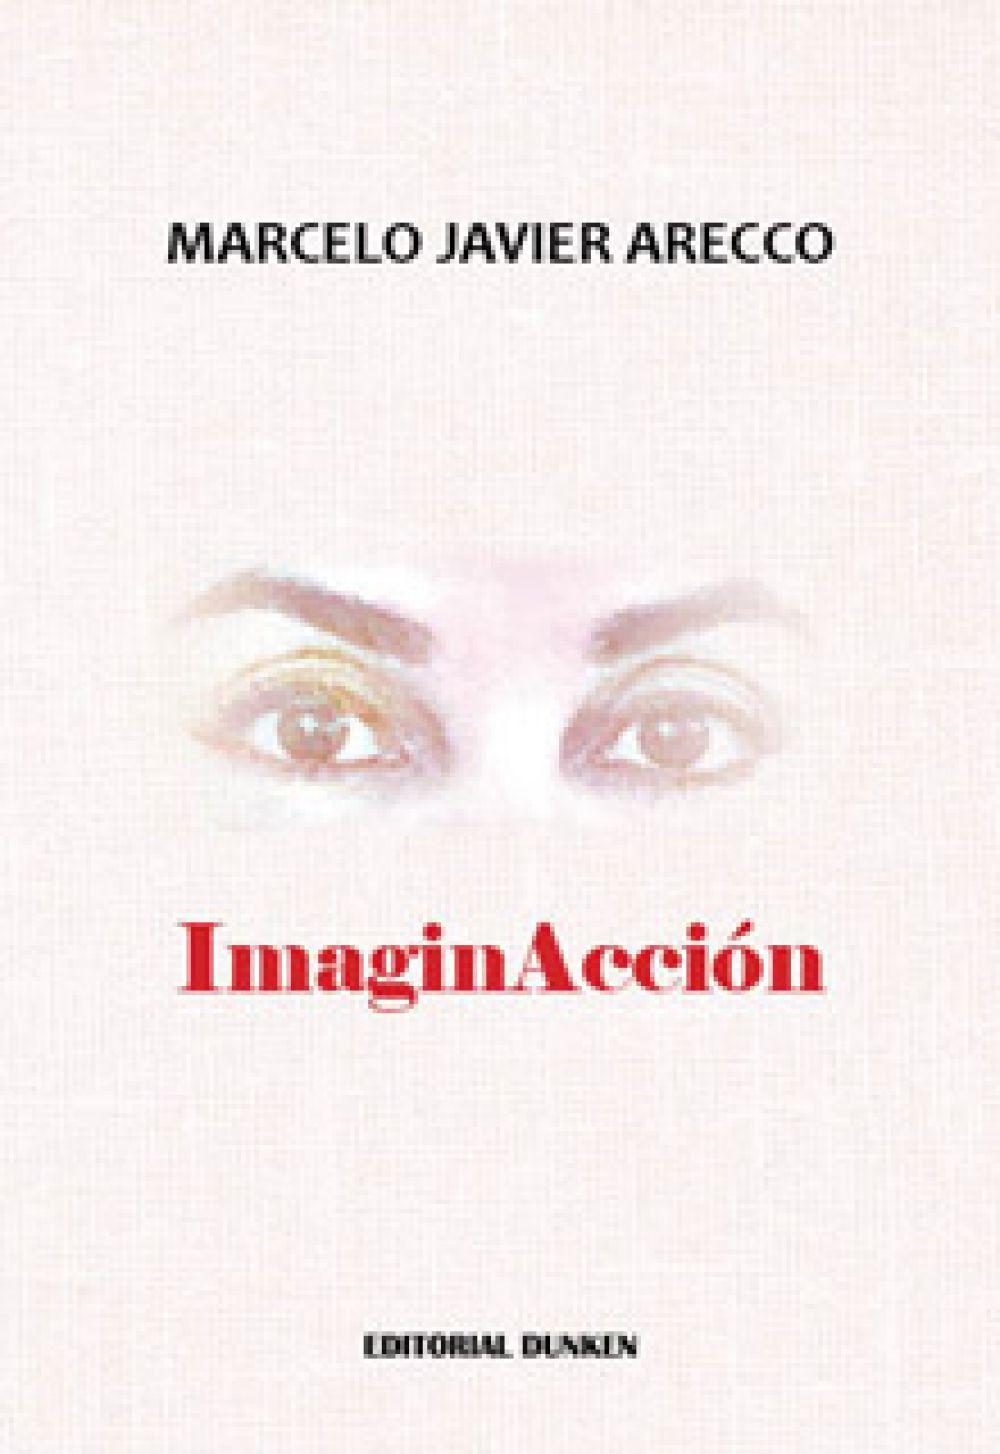 Imaginación es un libro que sentí y en tres meses lo escribí